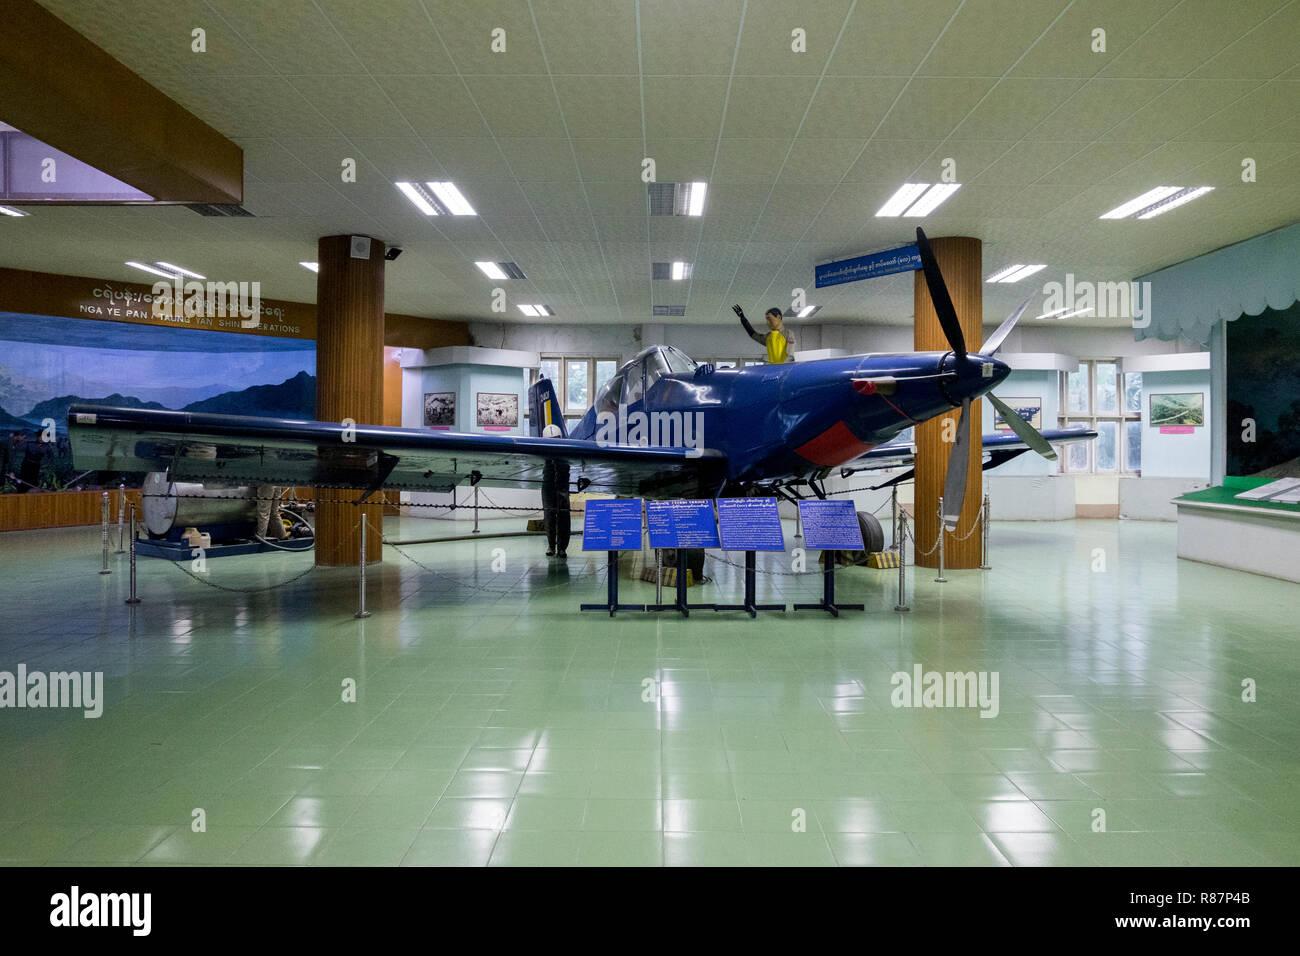 Médicament bleu avion à la musée d'élimination des drogues à Yangon, Myanmar. Banque D'Images